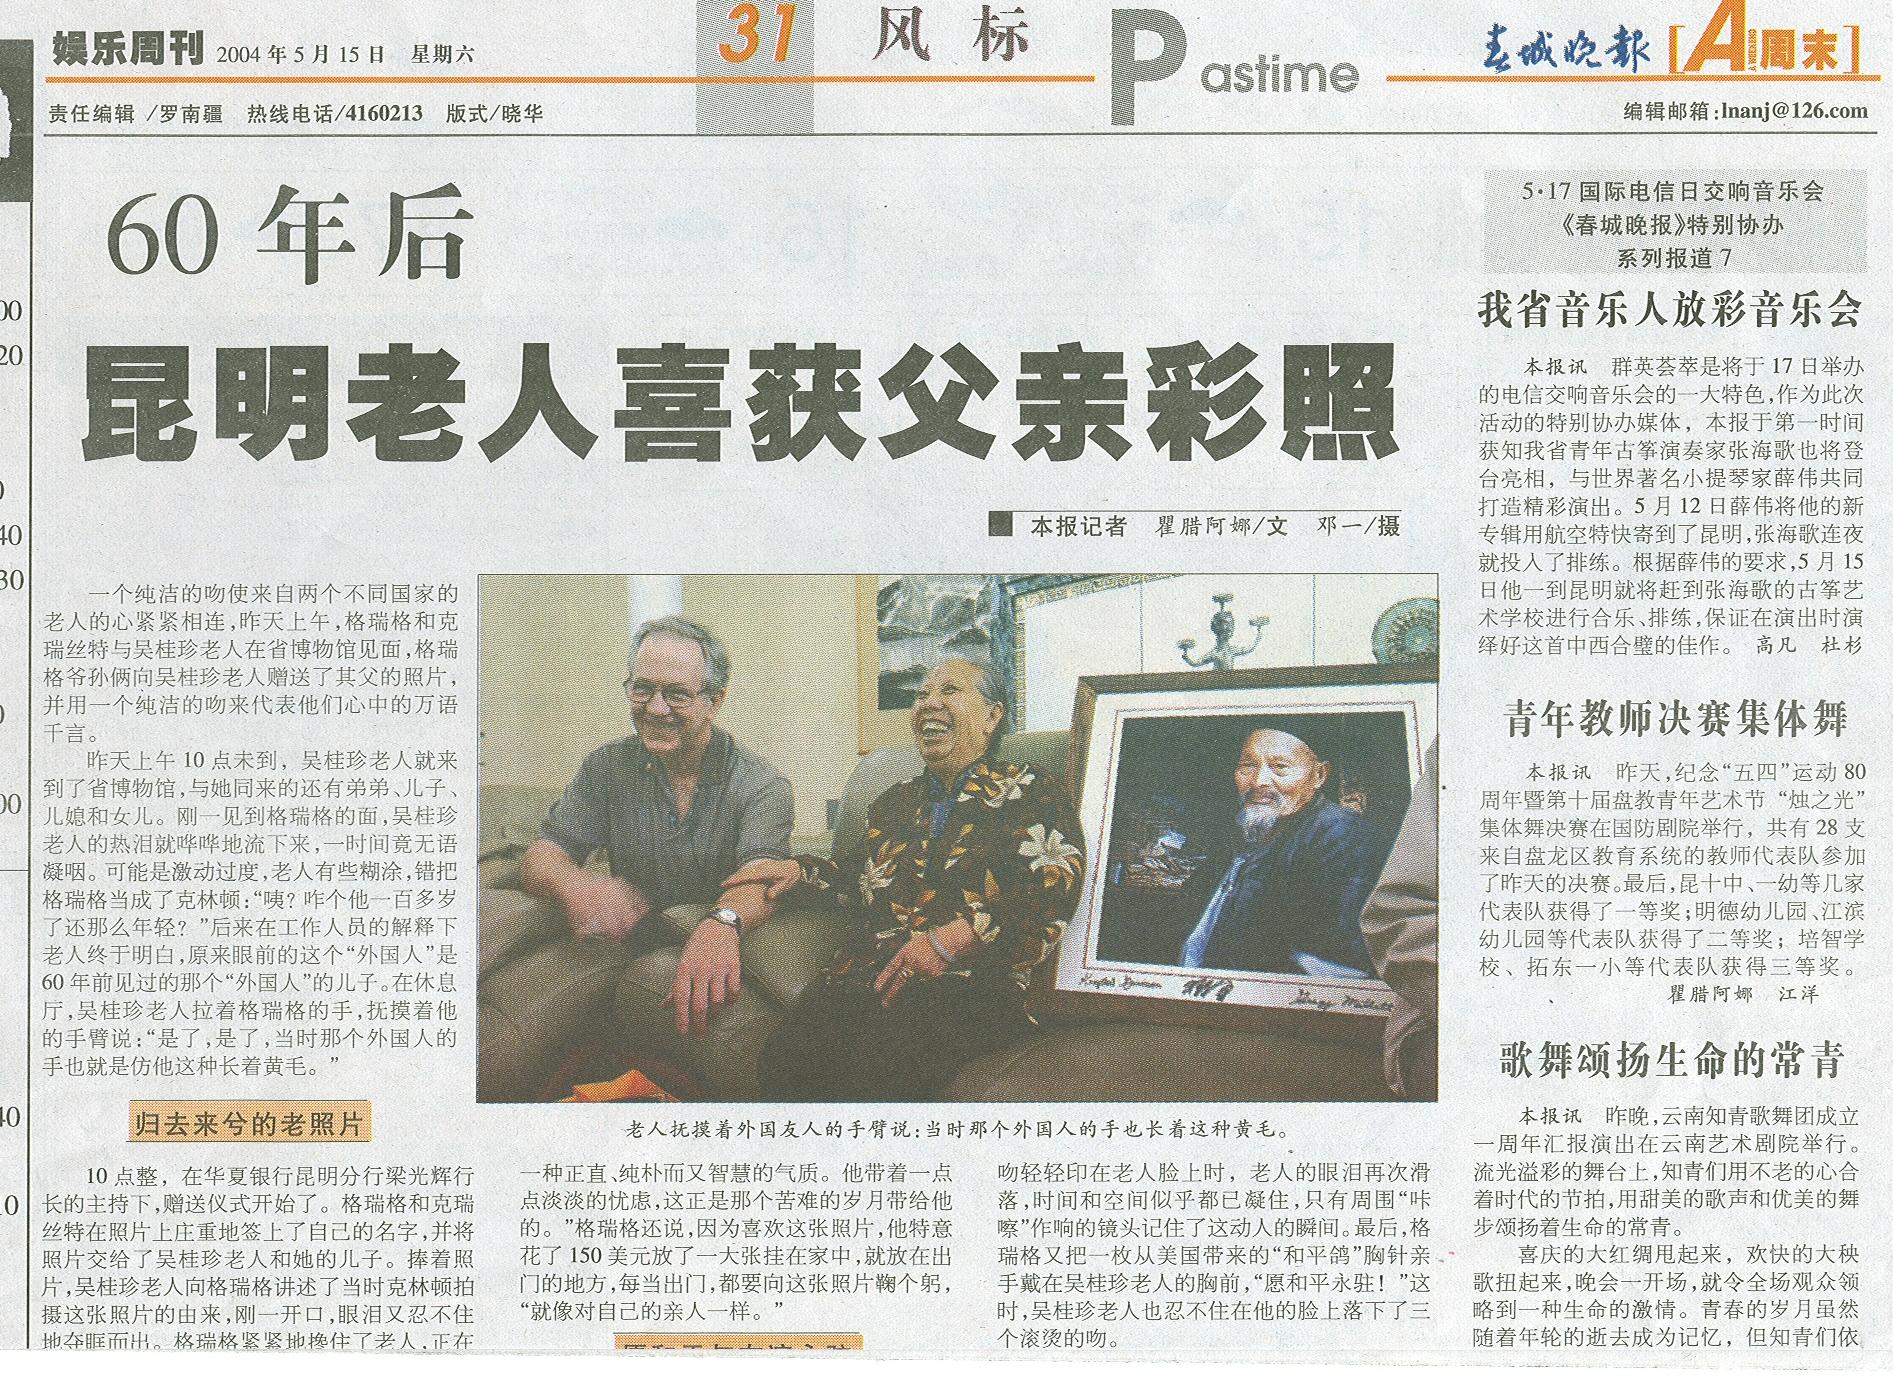 Kunming Newspaper Report – Newspaper Report